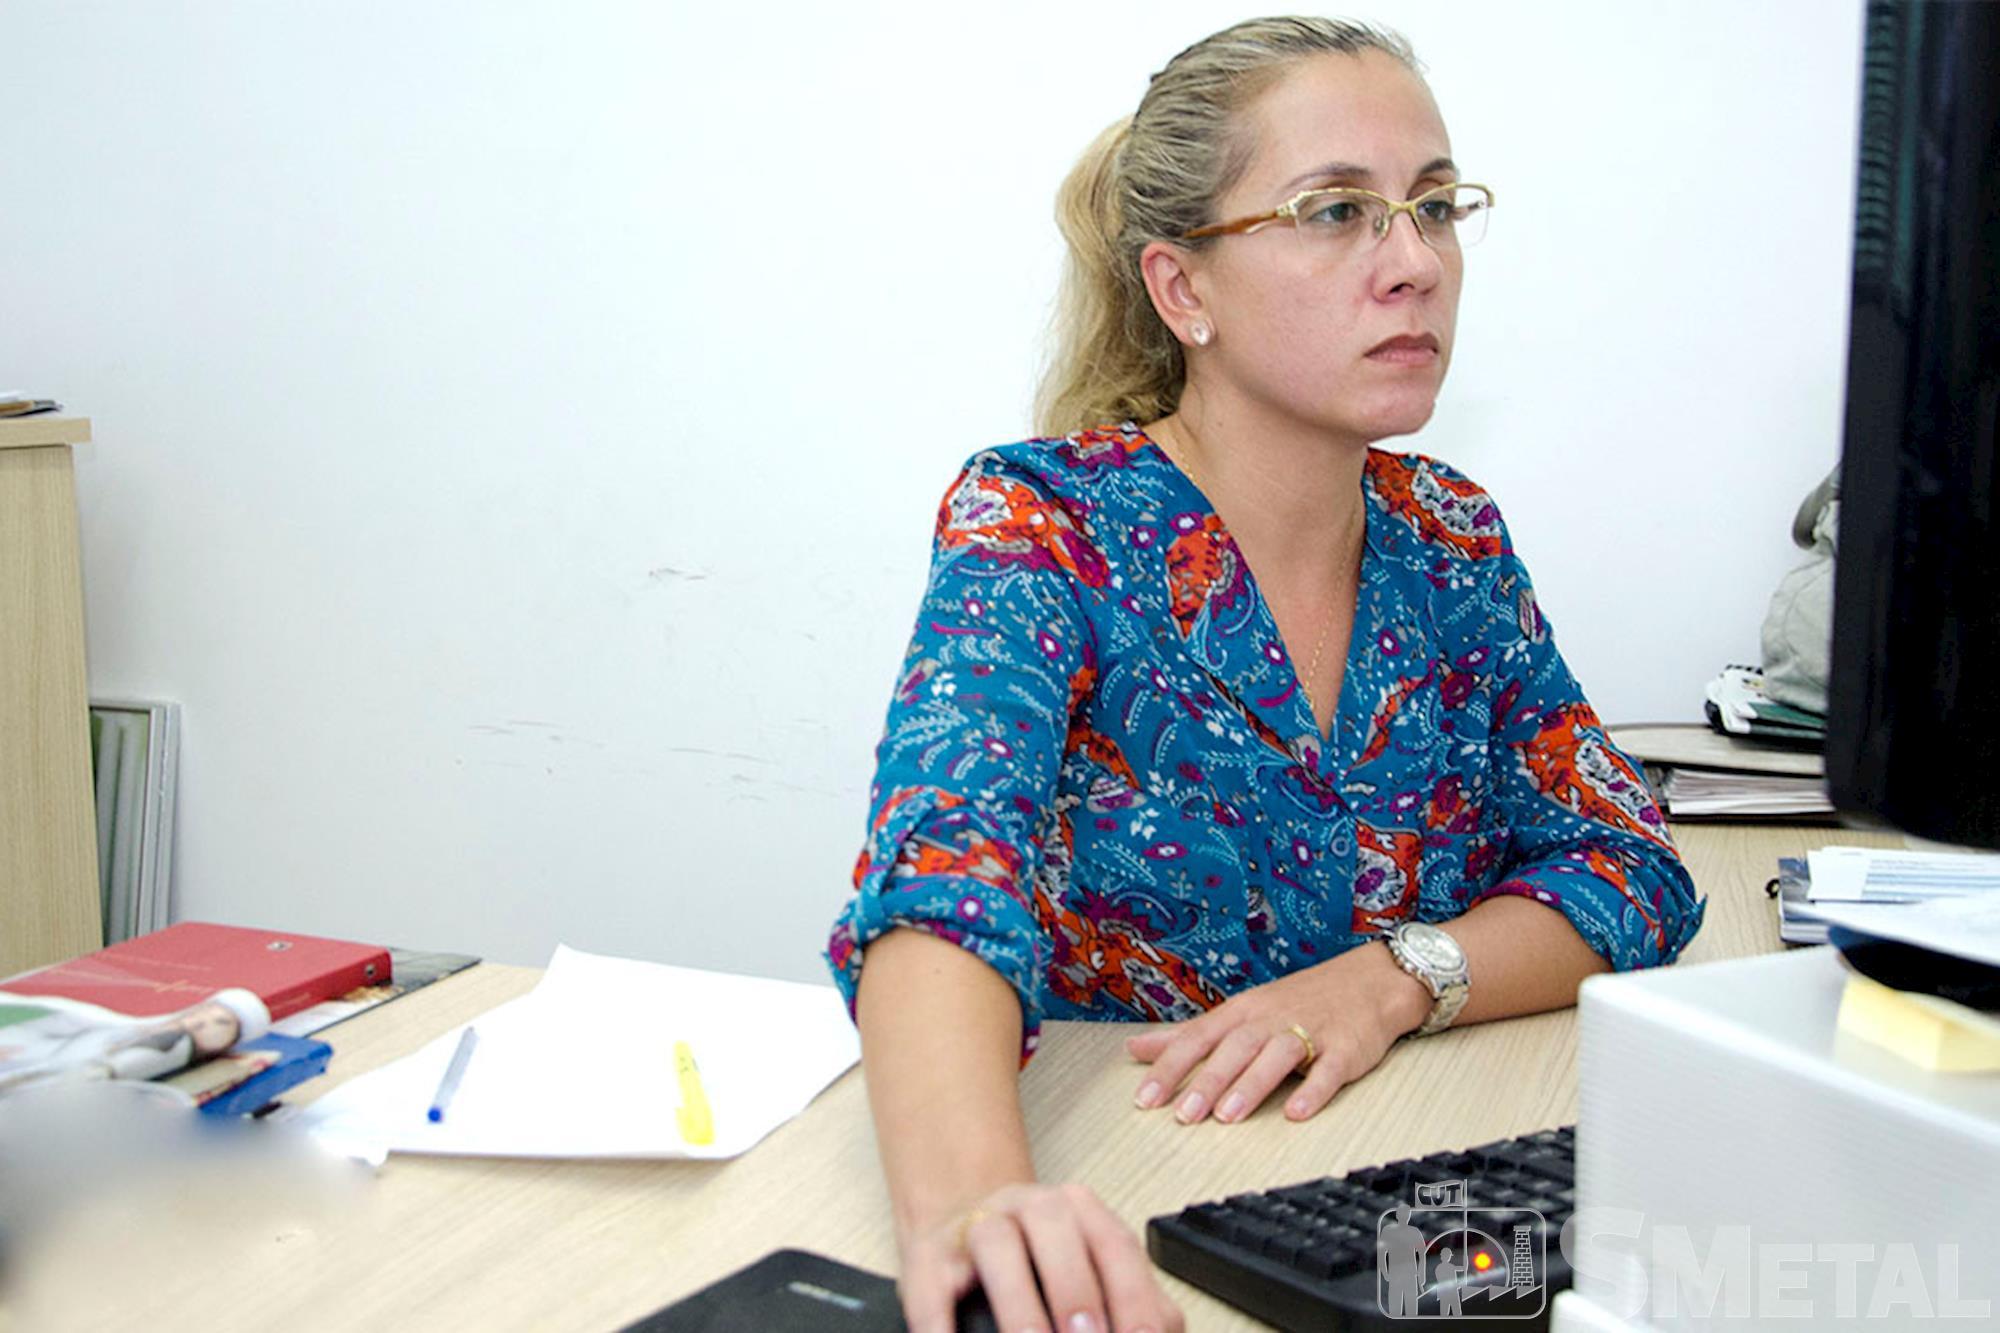 Segundo a advogada Érika Mendes,  do departamento jurídico do SMetal,  há peritos que sequer saem de seus consultórios para realizar as perícias, Descaso e corrupção da perícia médica afeta inúmeros metalúrgicos